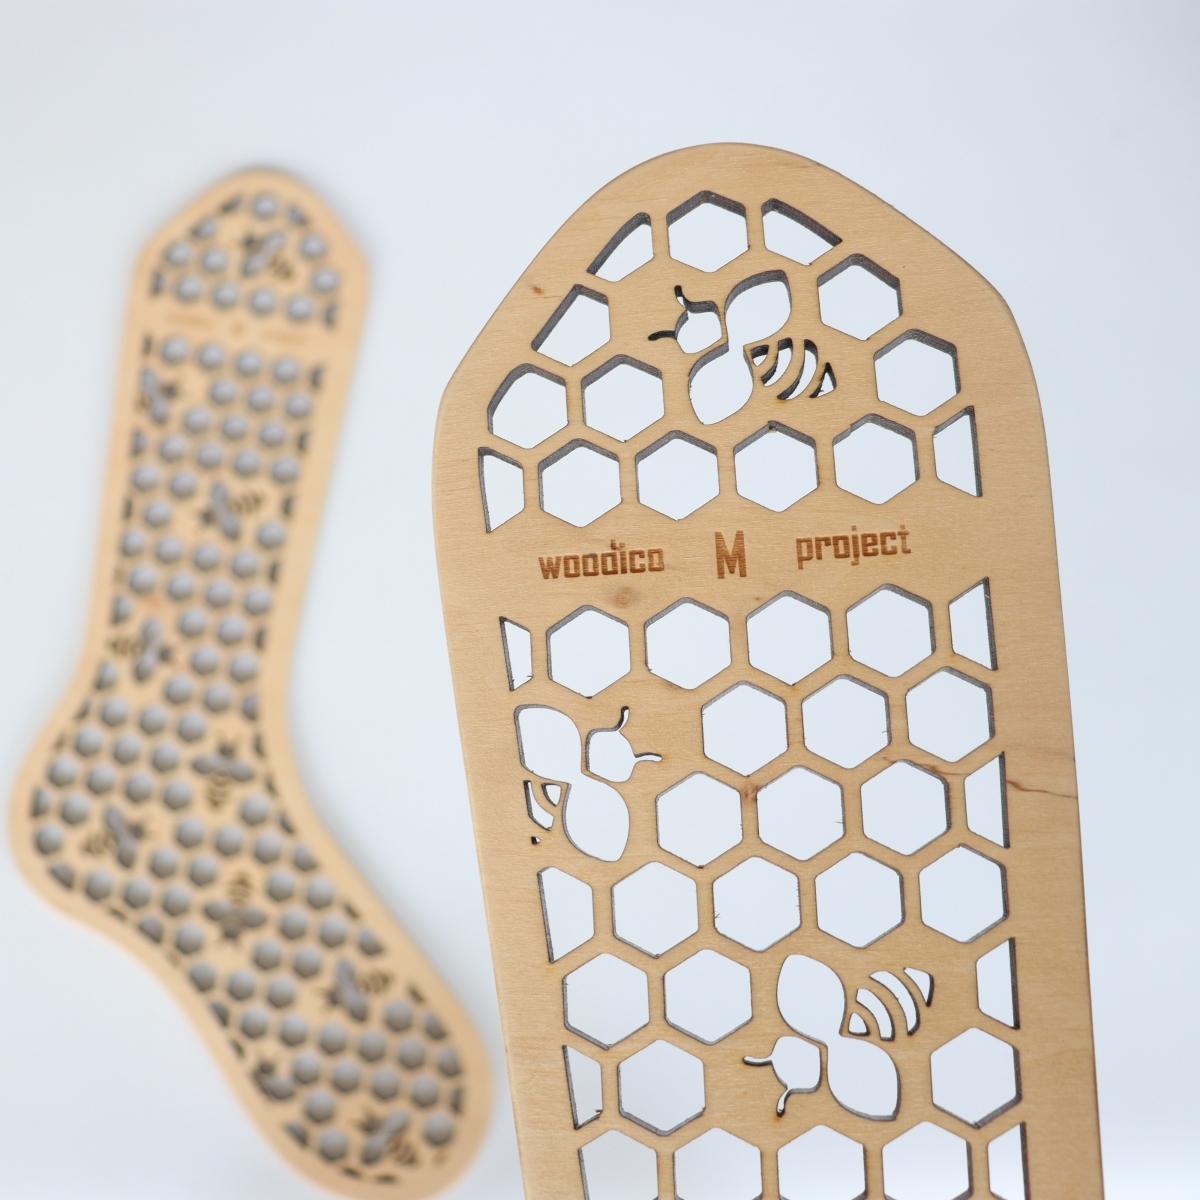 woodico.pro wooden sock blockers hooneycomb 3 1200x1200 - Wooden sock blockers / Honeycomb